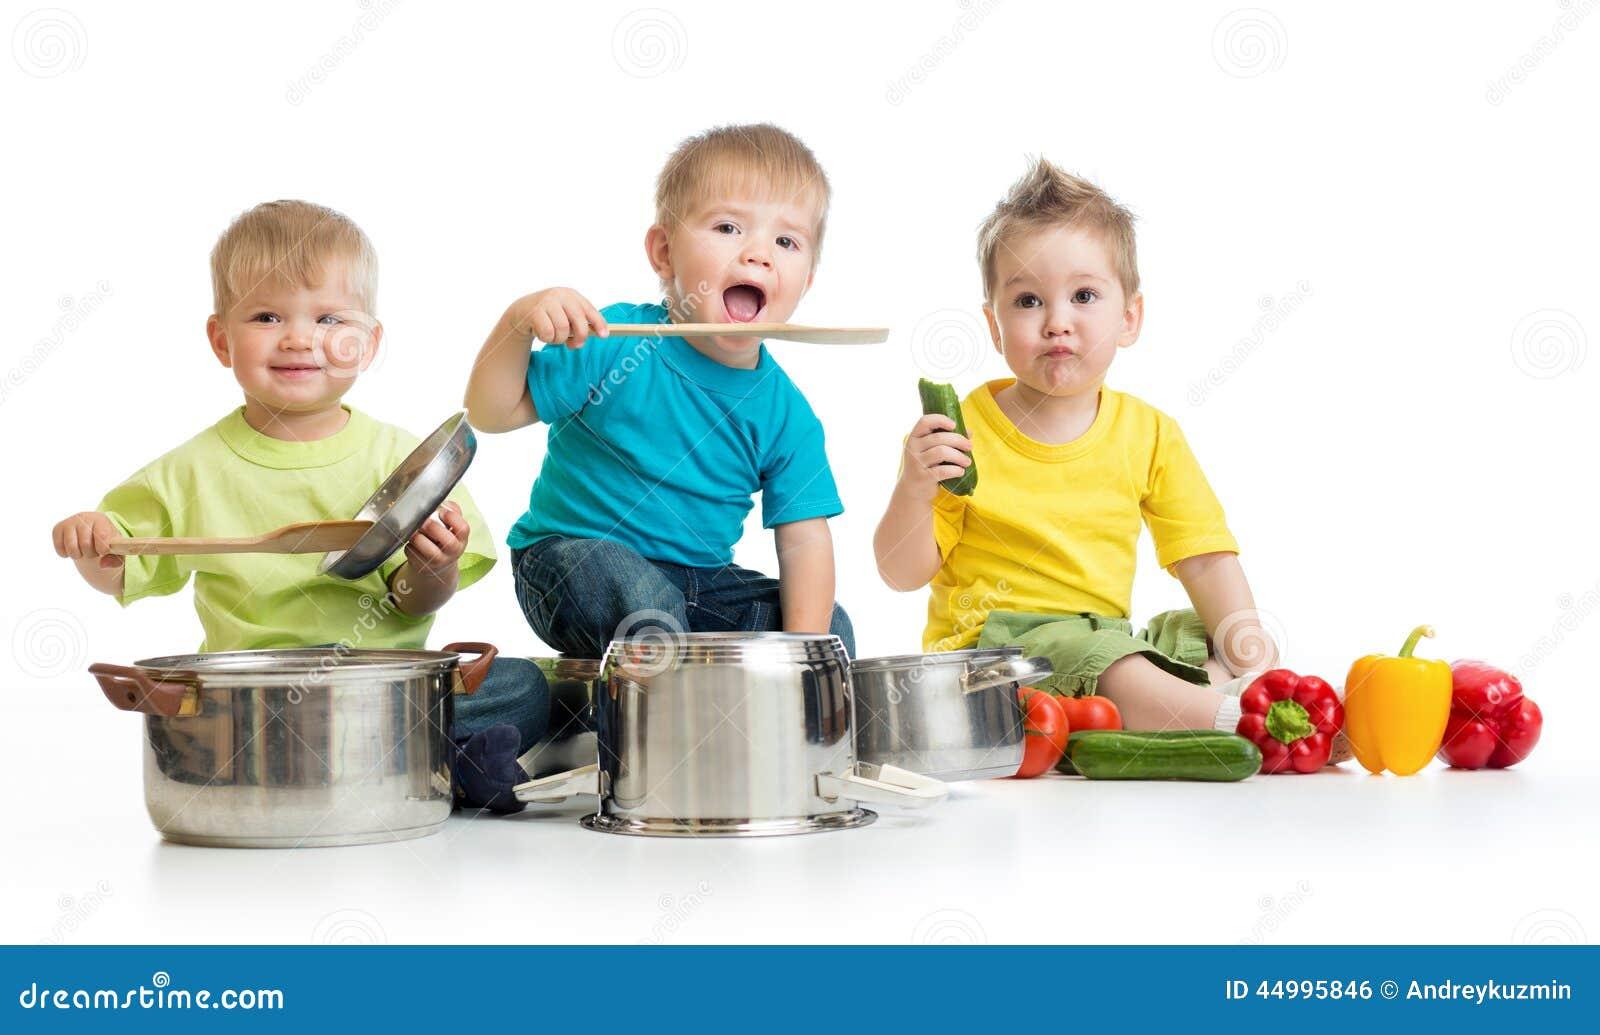 Jugar A Cocinar | Los Ninos Agrupan Cocinar En Blanco Tres Muchachos Estan Jugando